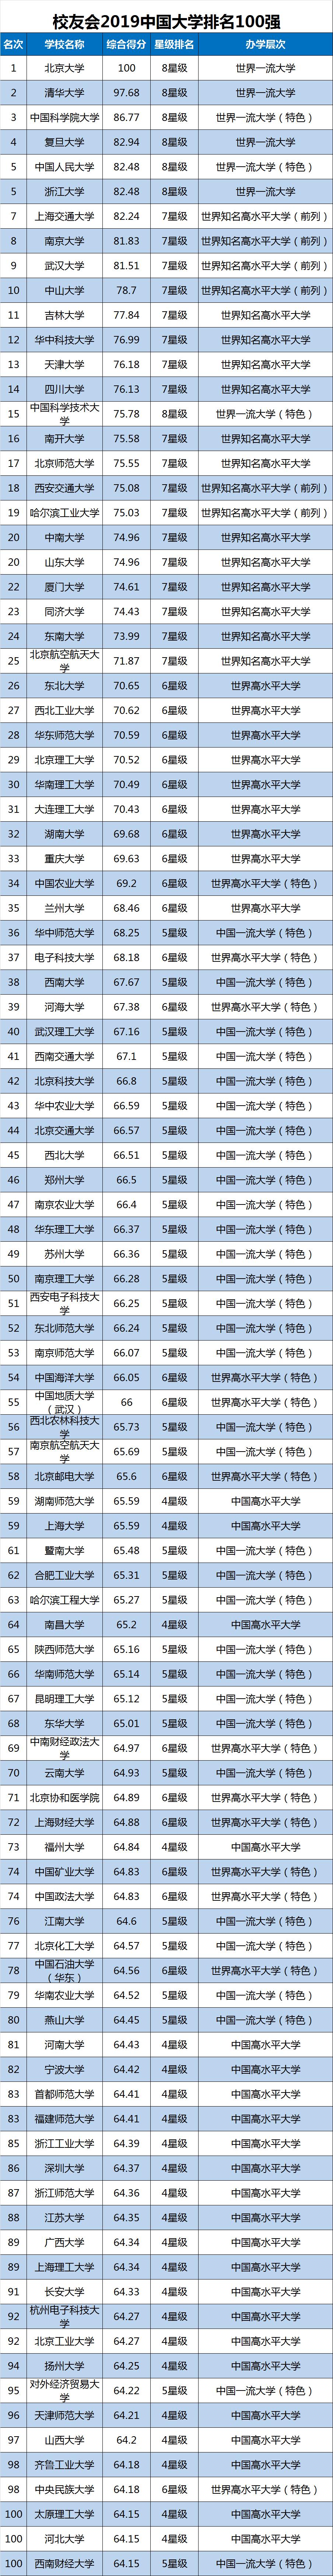 2019中国财经类大学排名发布 中南财经政法大学第1 上财第2